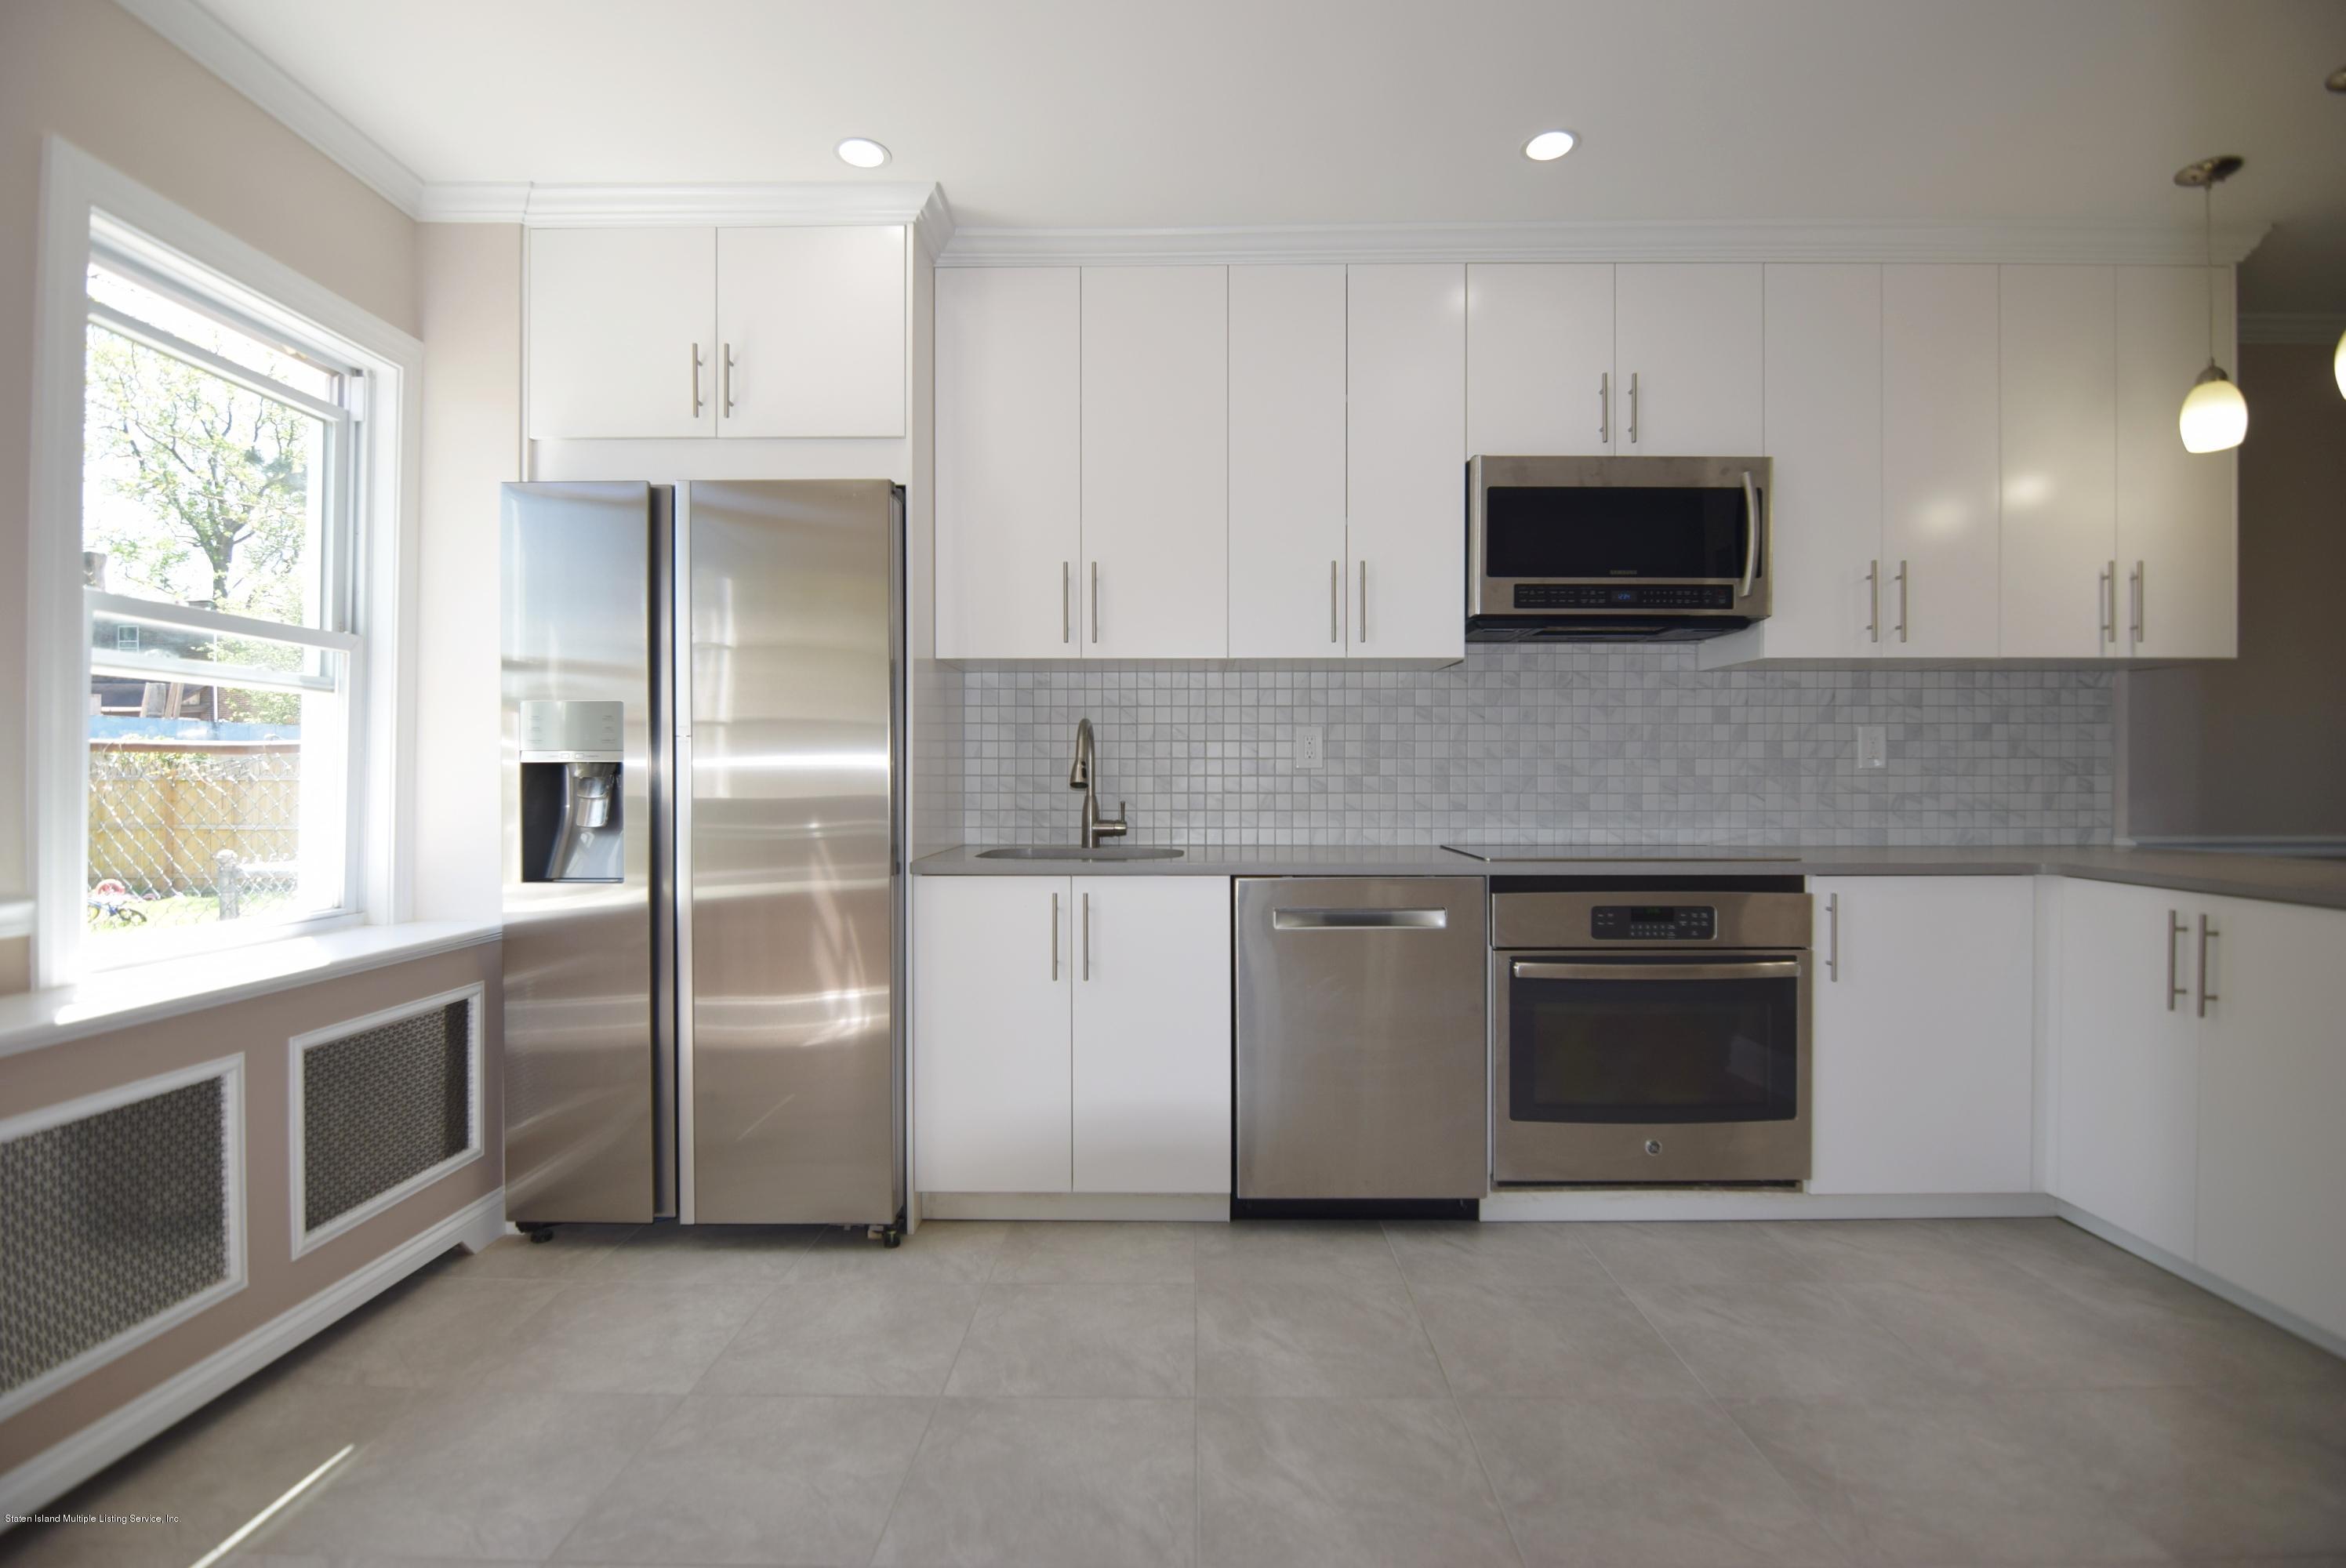 Single Family - Detached 55 Park Avenue  Staten Island, NY 10302, MLS-1128331-15